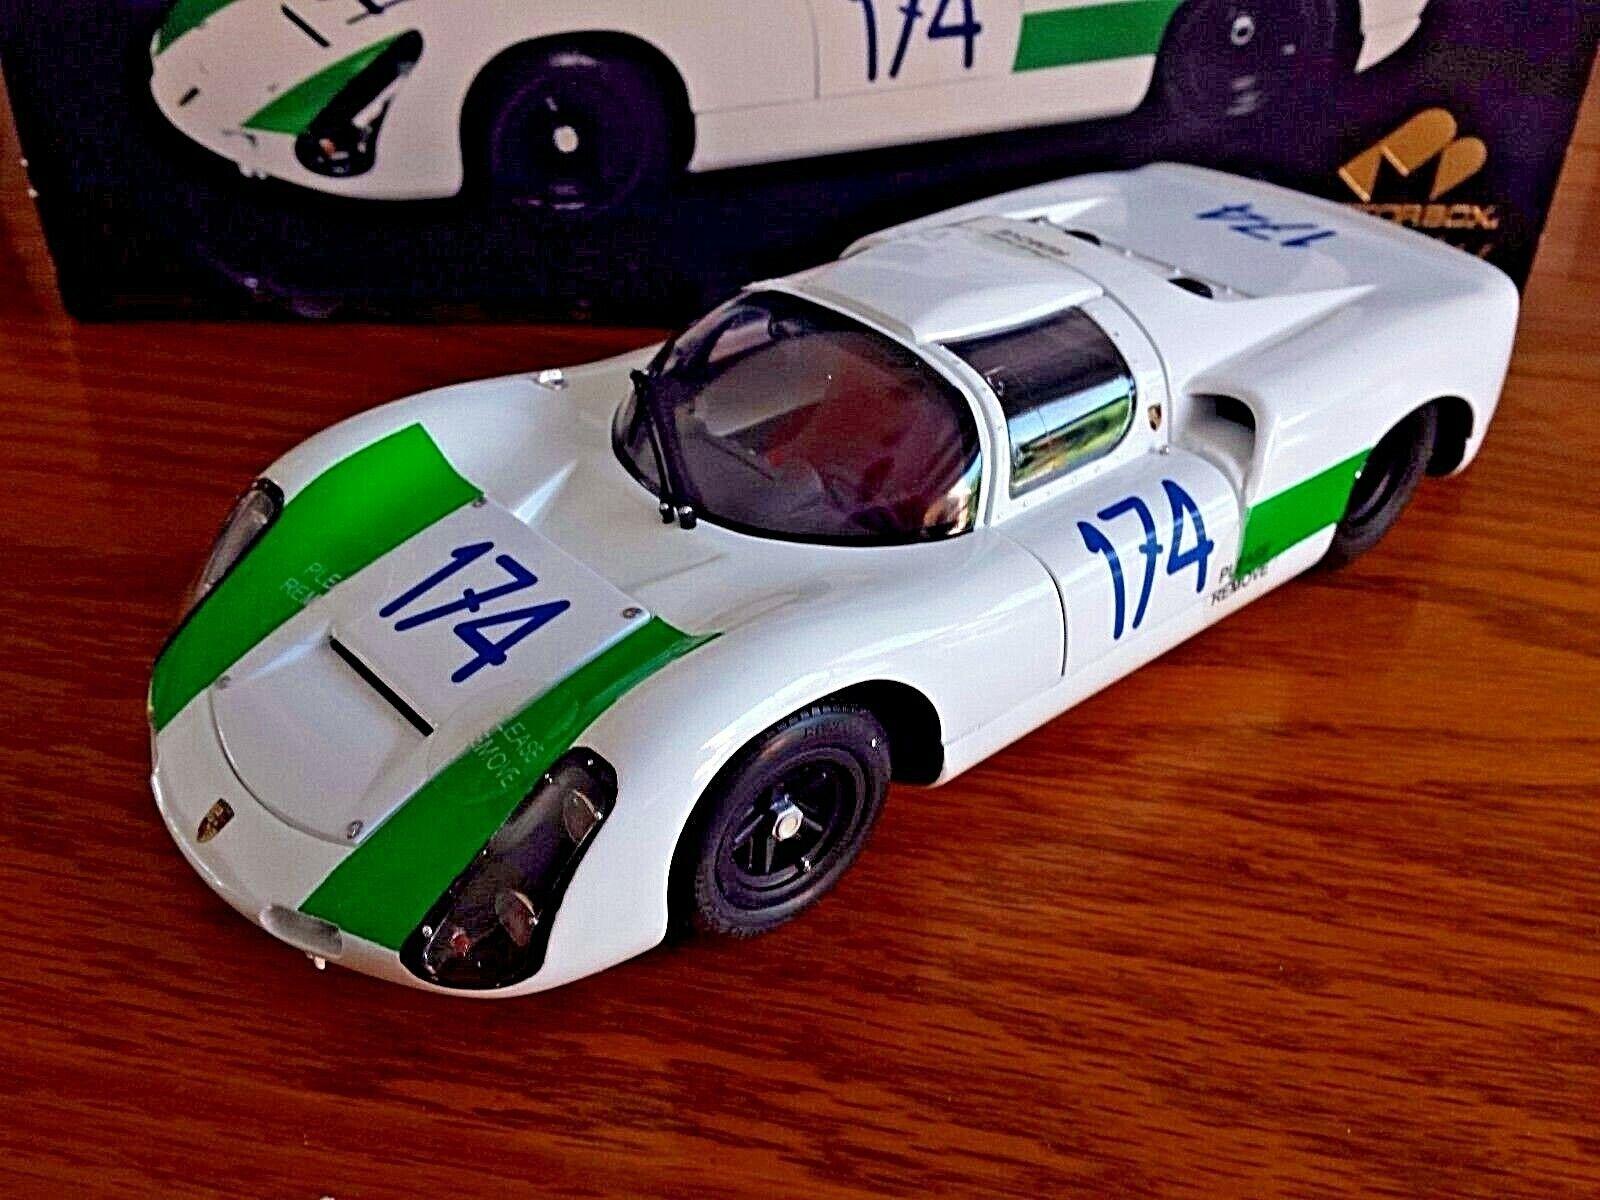 Obtén lo ultimo Exoto Porsche 1967 Targa Florio 174 Motorbox 1 1 1 18 Cella BISCALDI 1 18 escala M1  wholesape barato